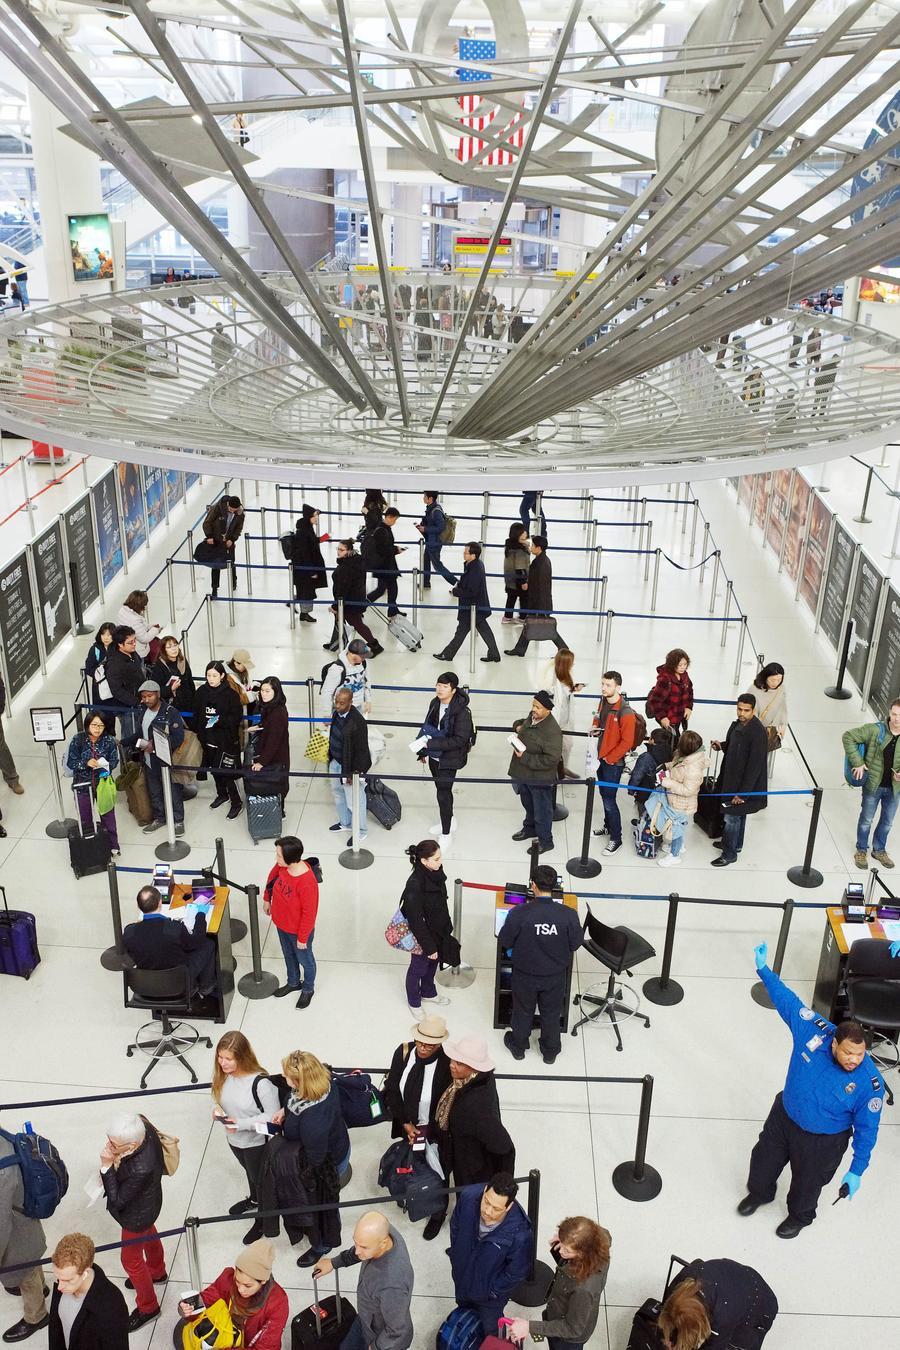 Fotografía de archivo del punto de control TSA en el aeropuerto John F. Kennedy en Nueva York